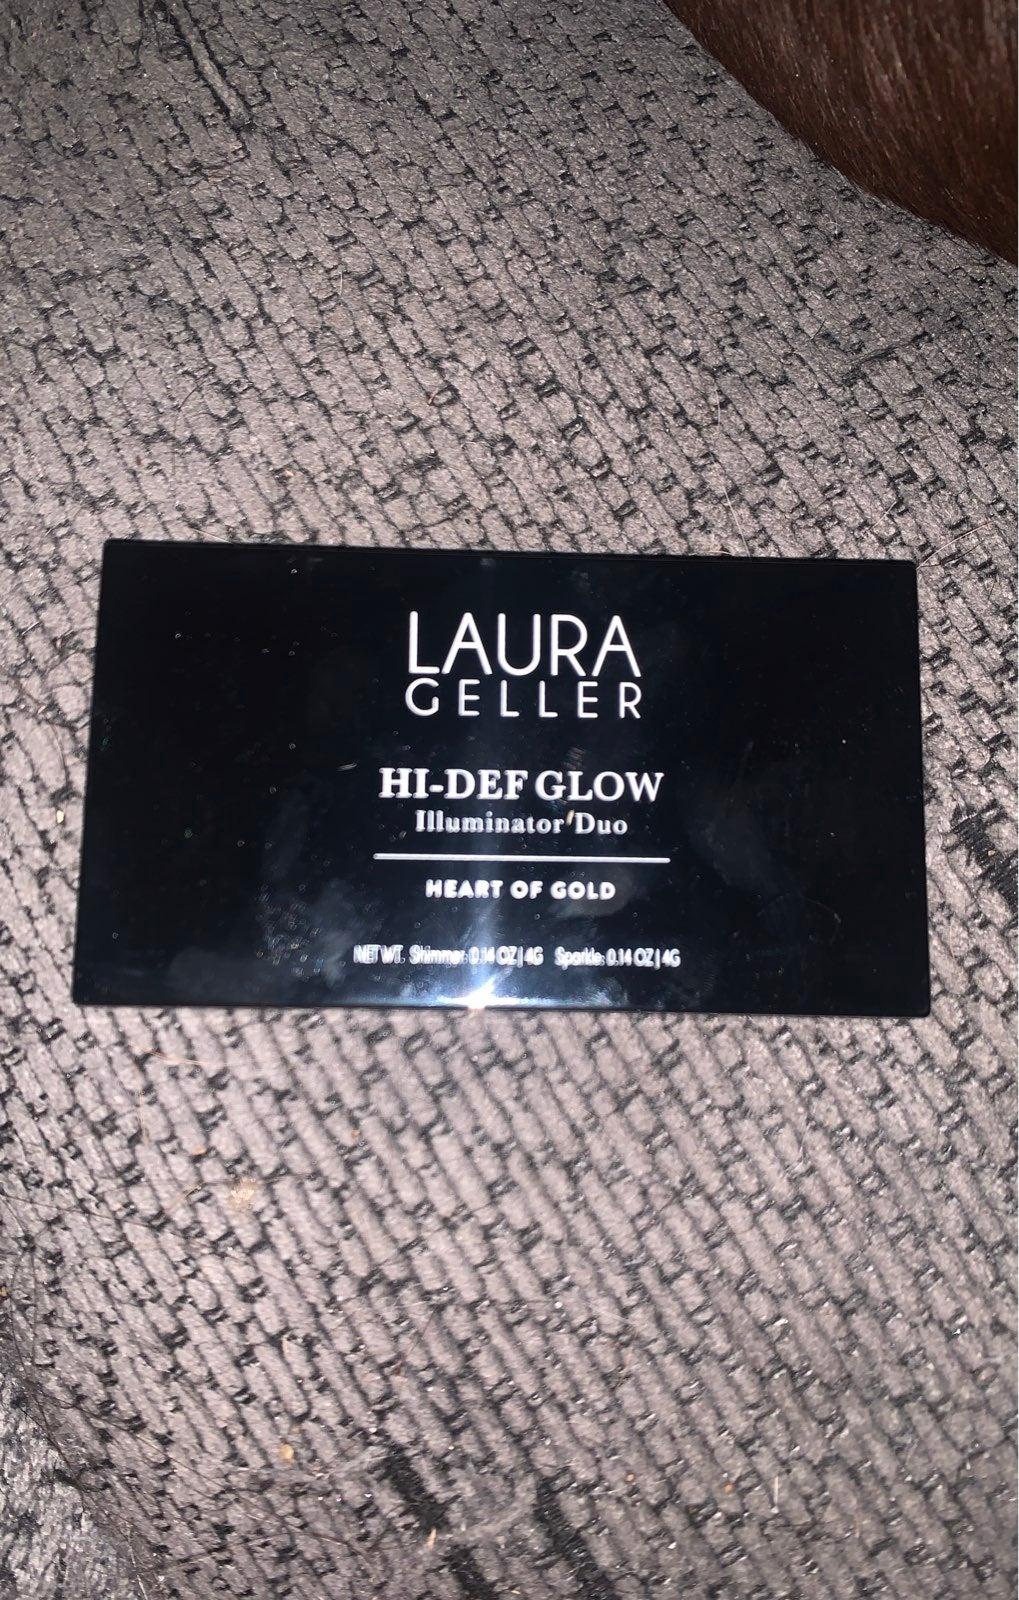 Laura Geller hi def glow